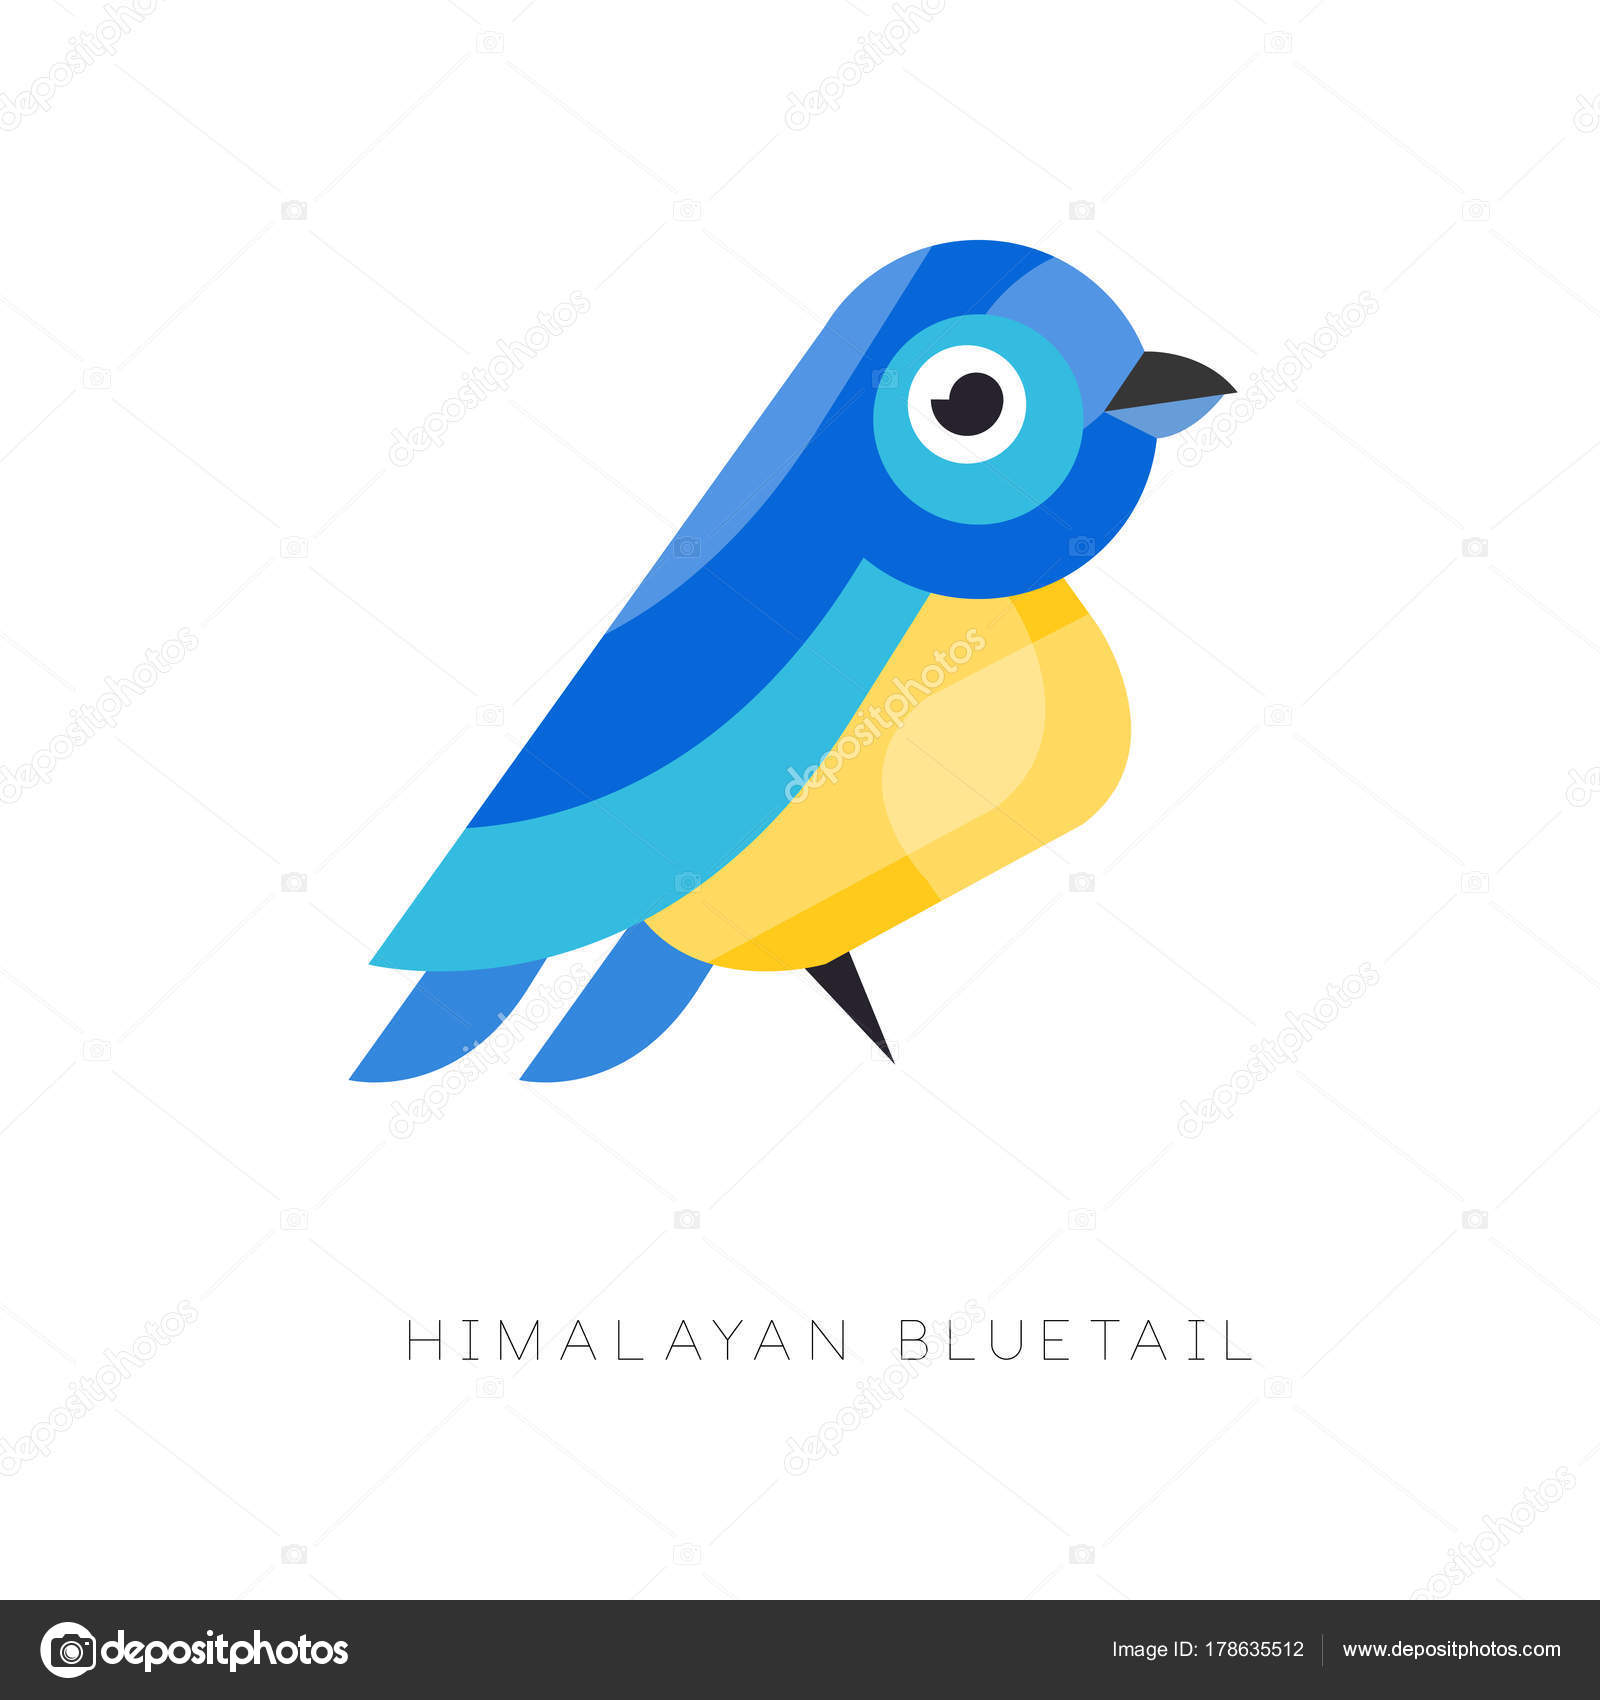 Vettore Figure Geometriche Da Stampare Illustrazione Di Bluetail